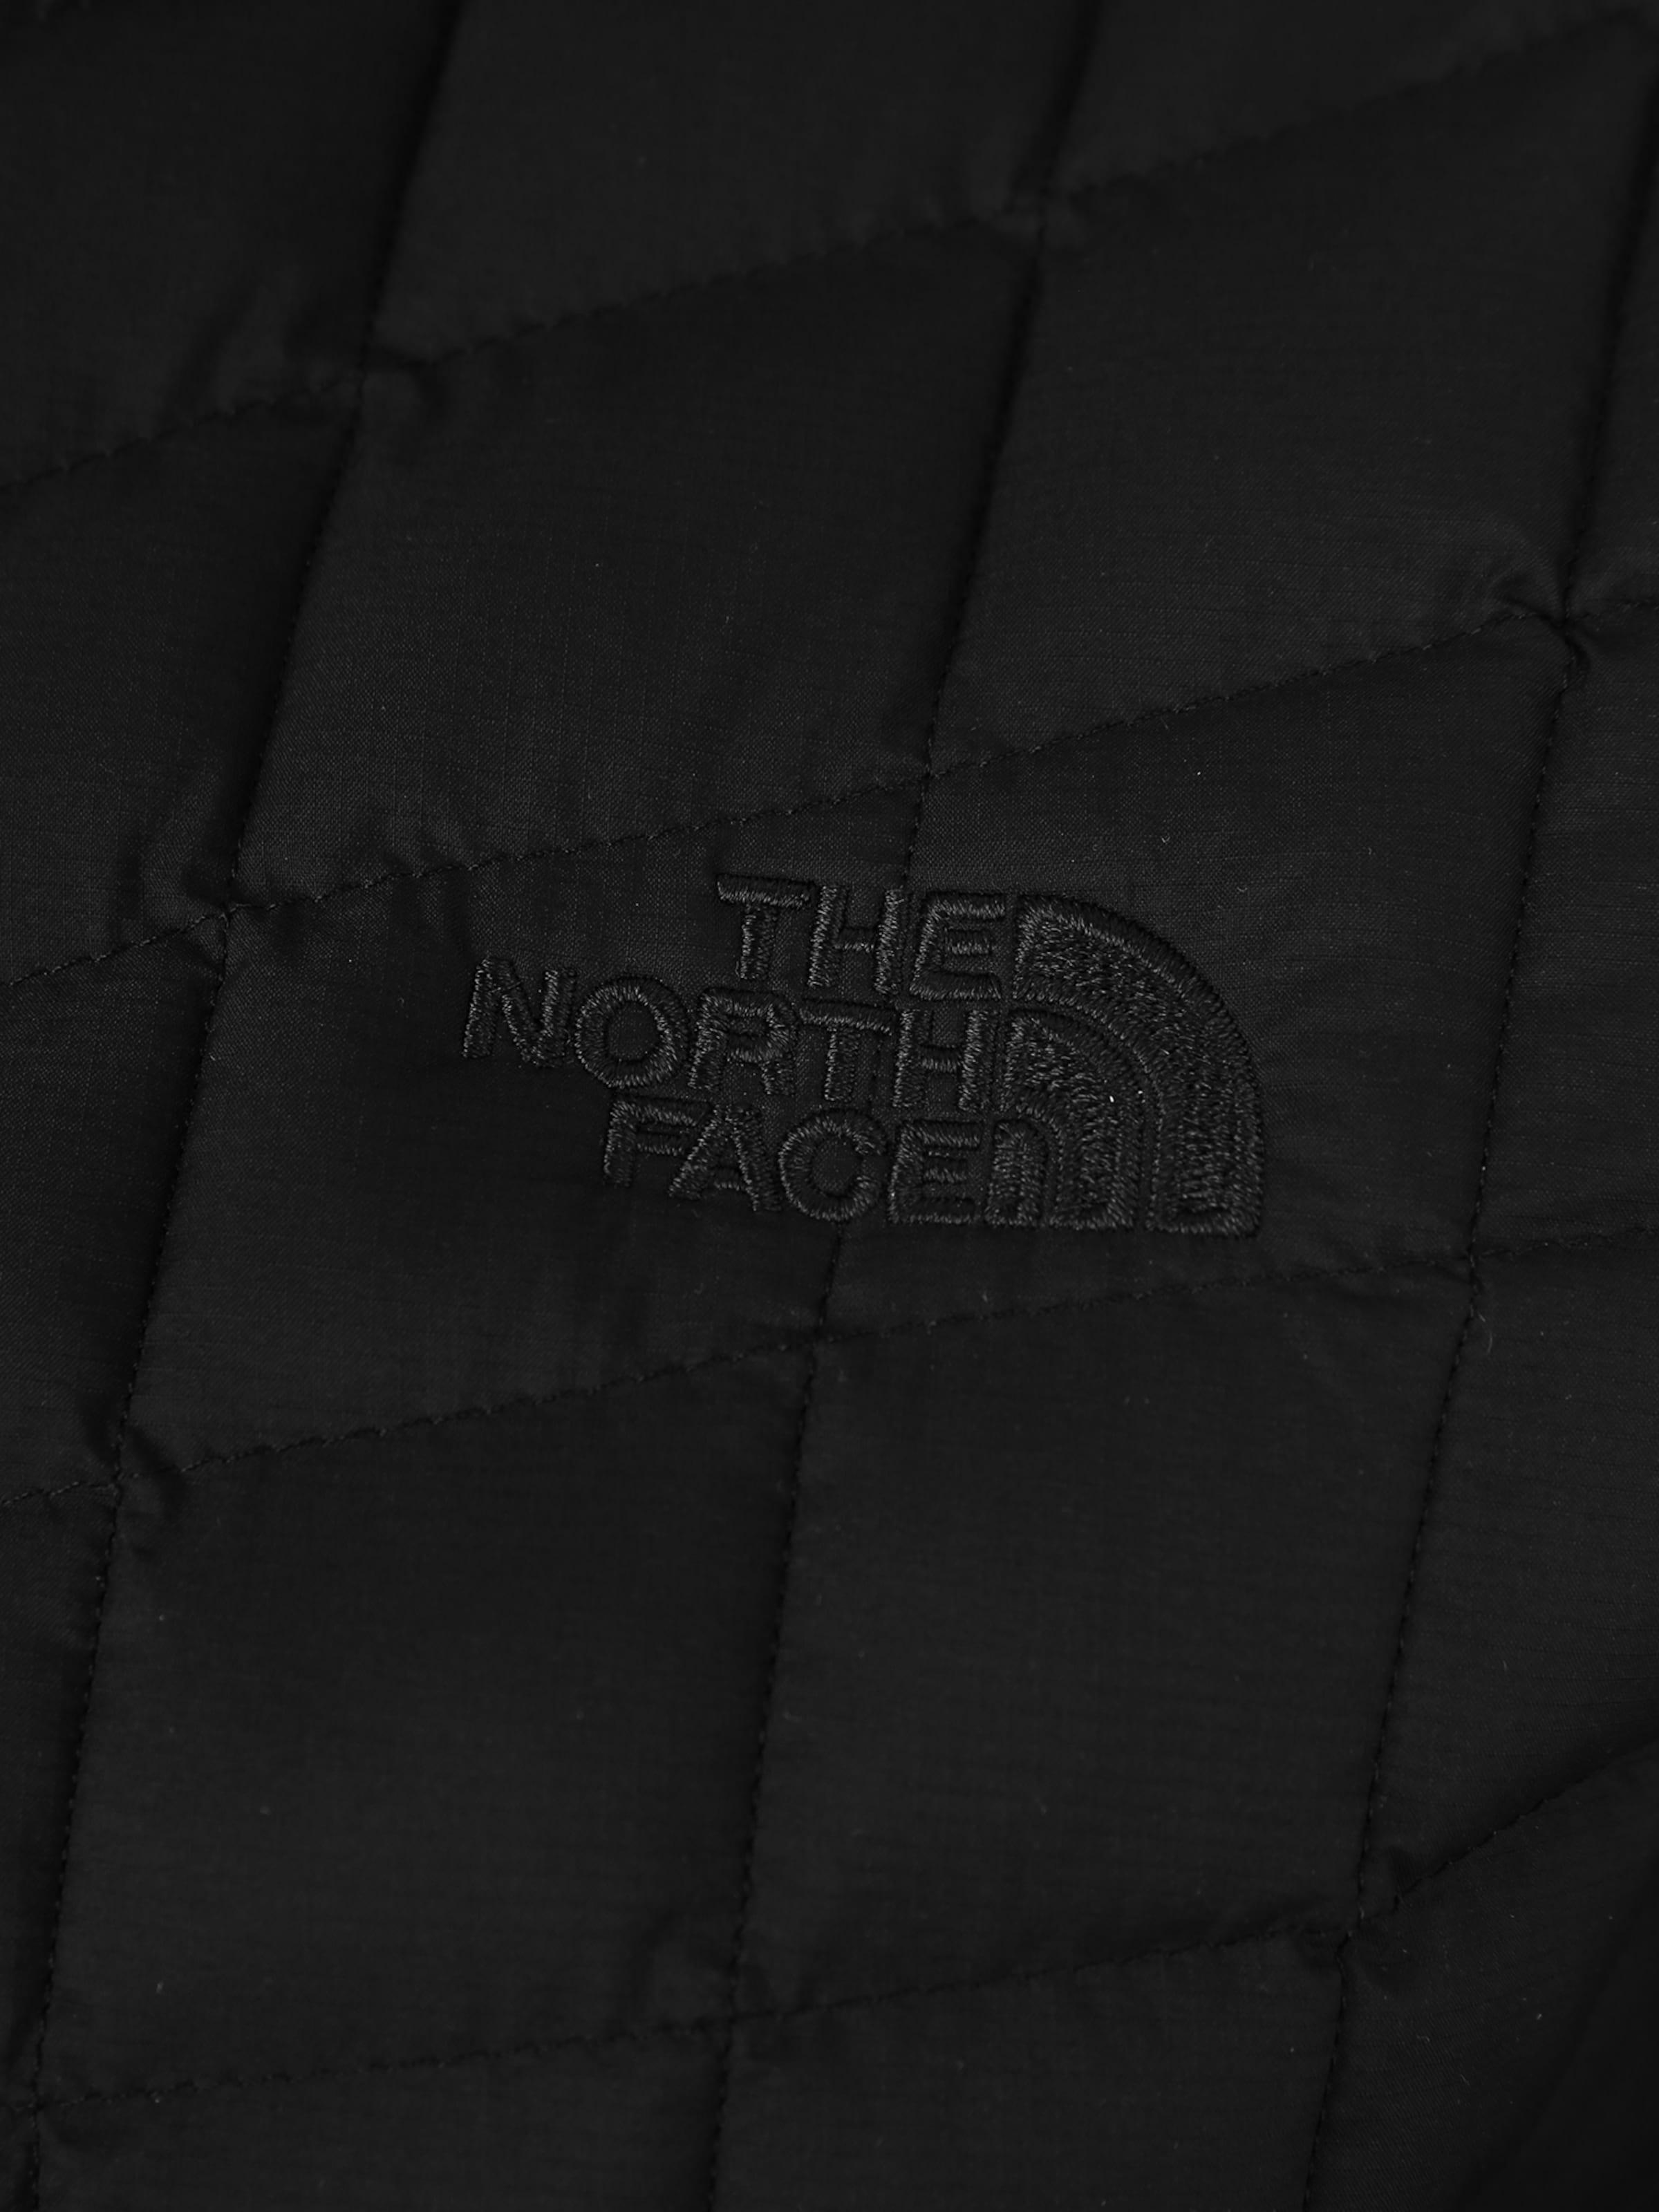 Erhalten Authentisch Günstigen Preis THE NORTH FACE Sportfunktionsjacke 'ThermoBall' 100% Authentisch Online xwYP4A3uH